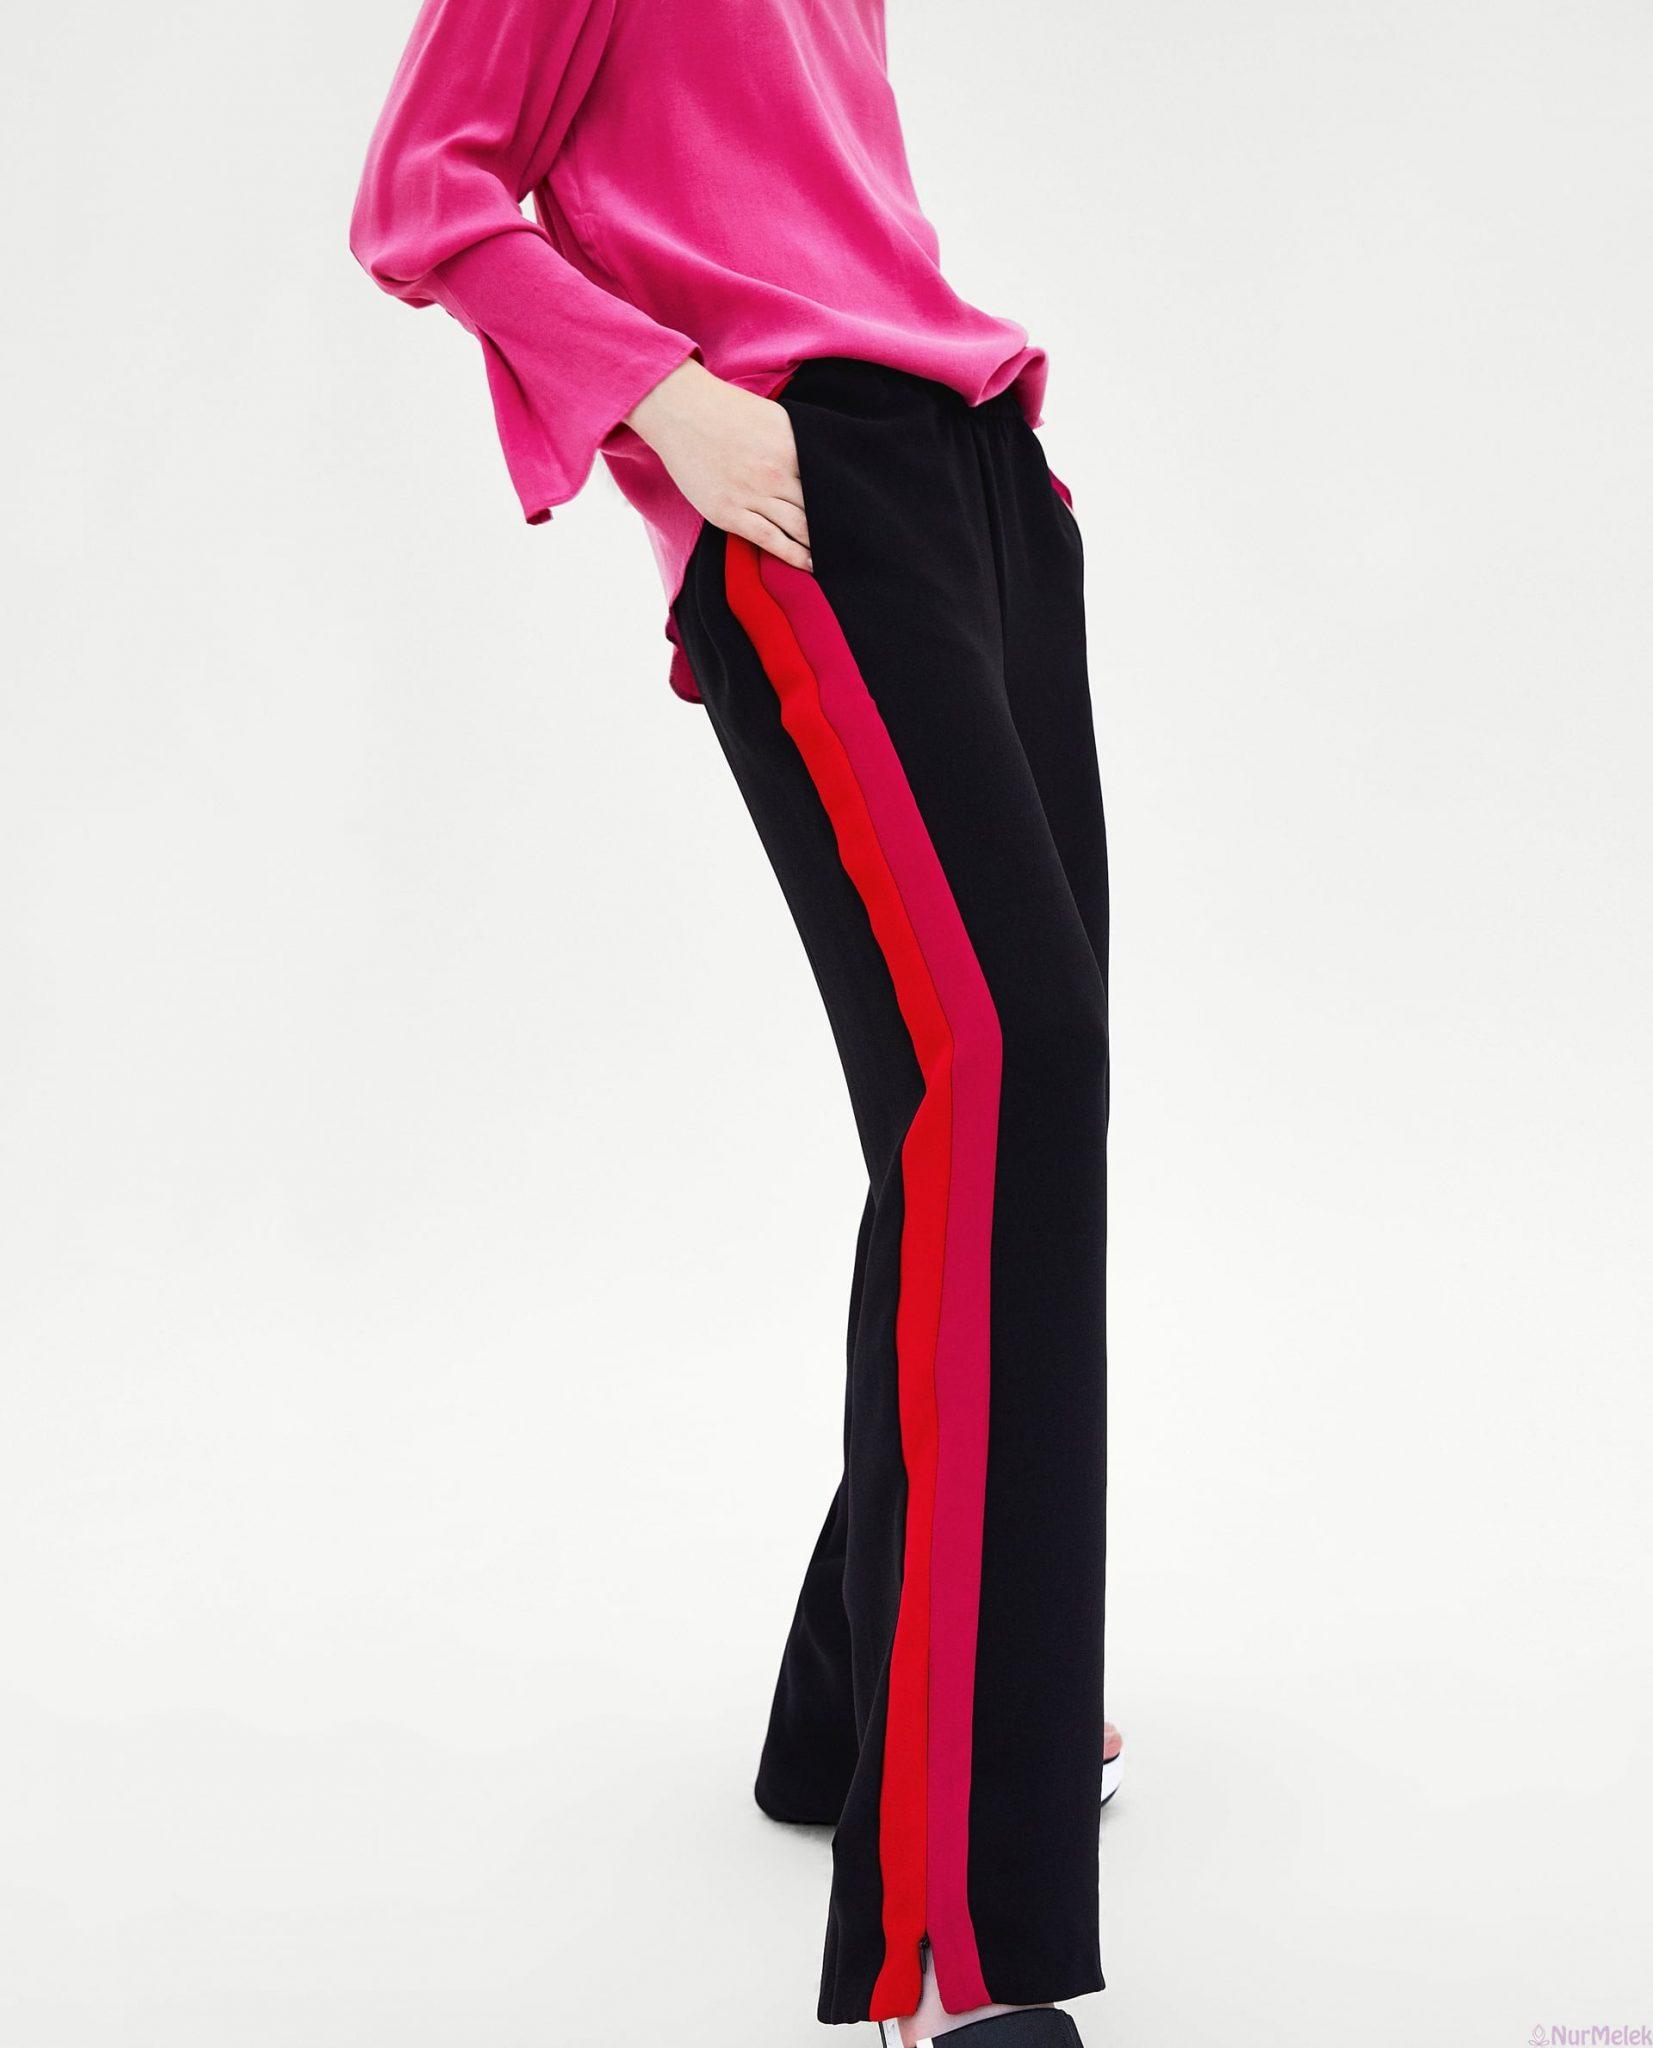 Yazlık şeritli pantolon kombini